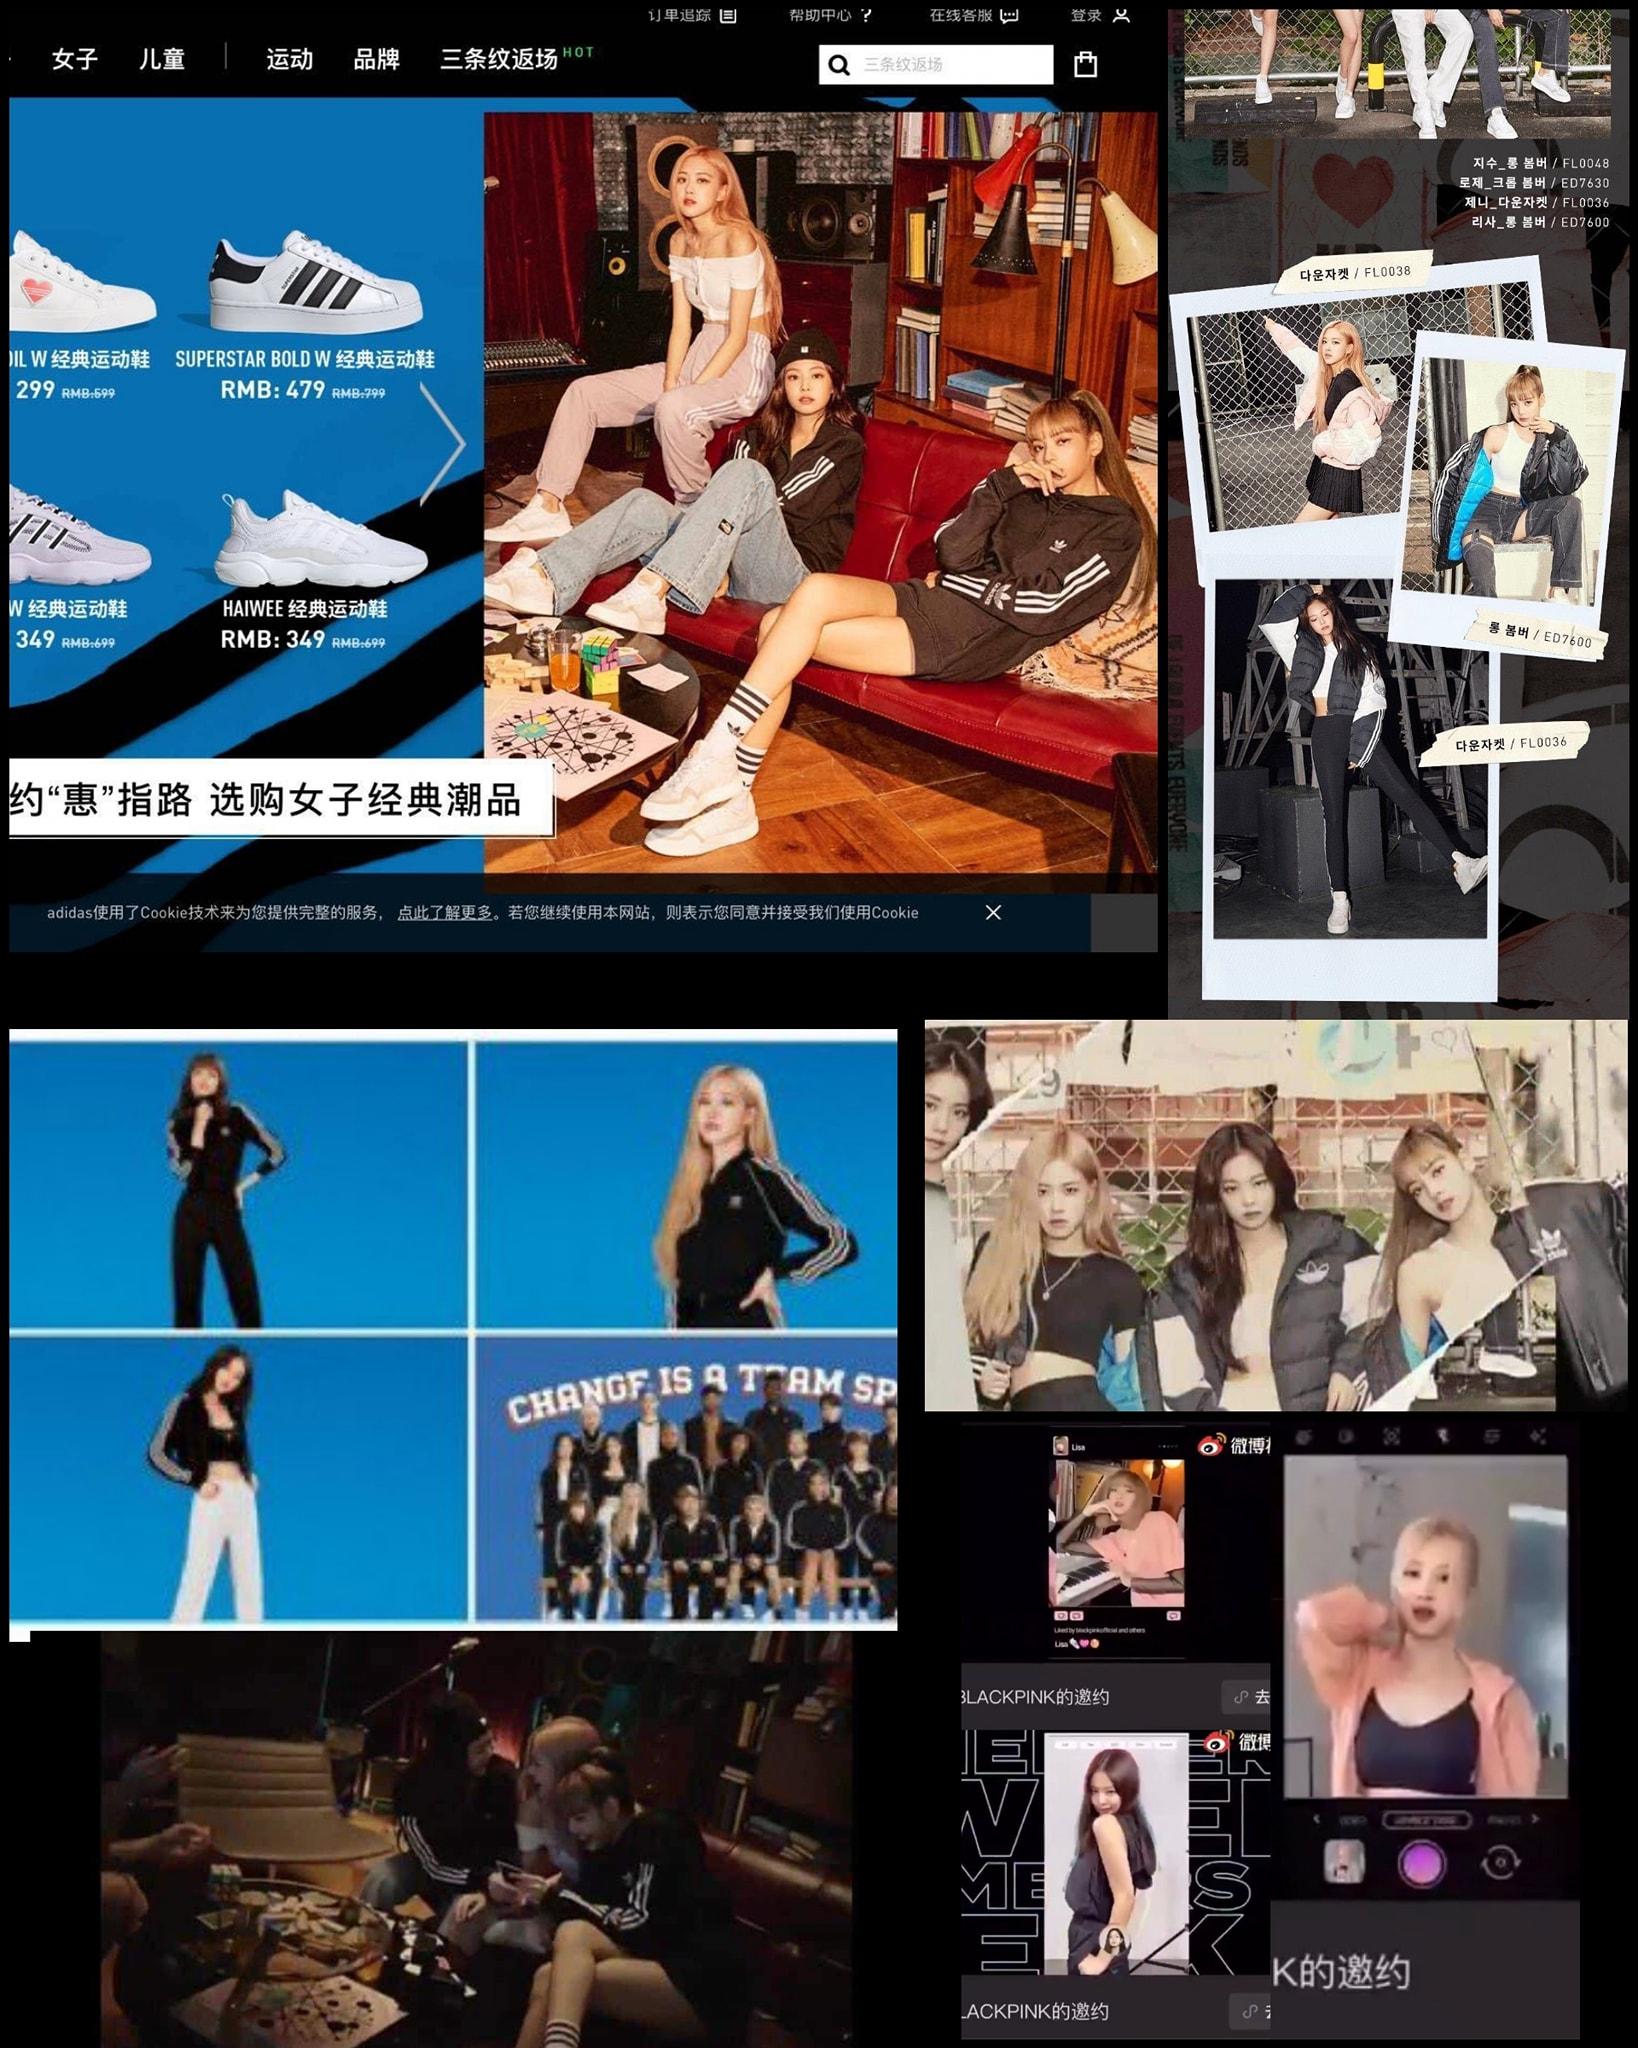 Biến căng cuối ngày: adidas lại bỏ Jisoo ra khỏi video quảng cáo, chắc sợ mọi người không biết BLACKPINK có 4 thành viên? - Ảnh 5.